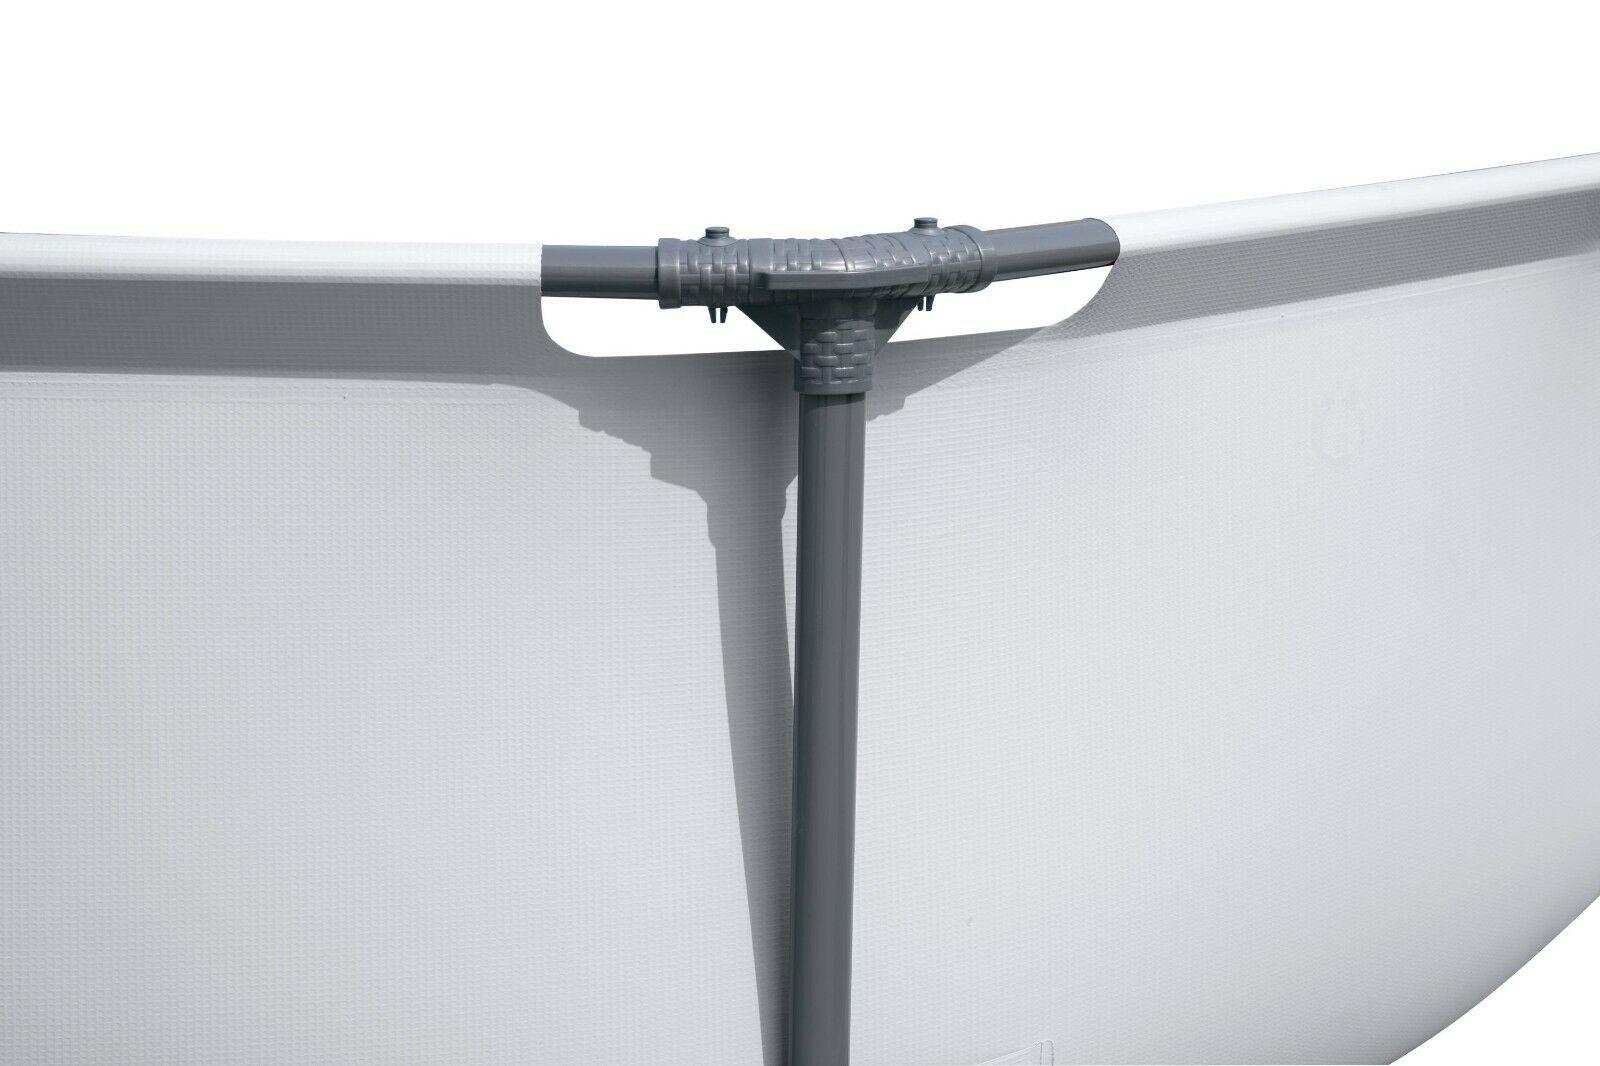 Structure piscine steel pro max bestway